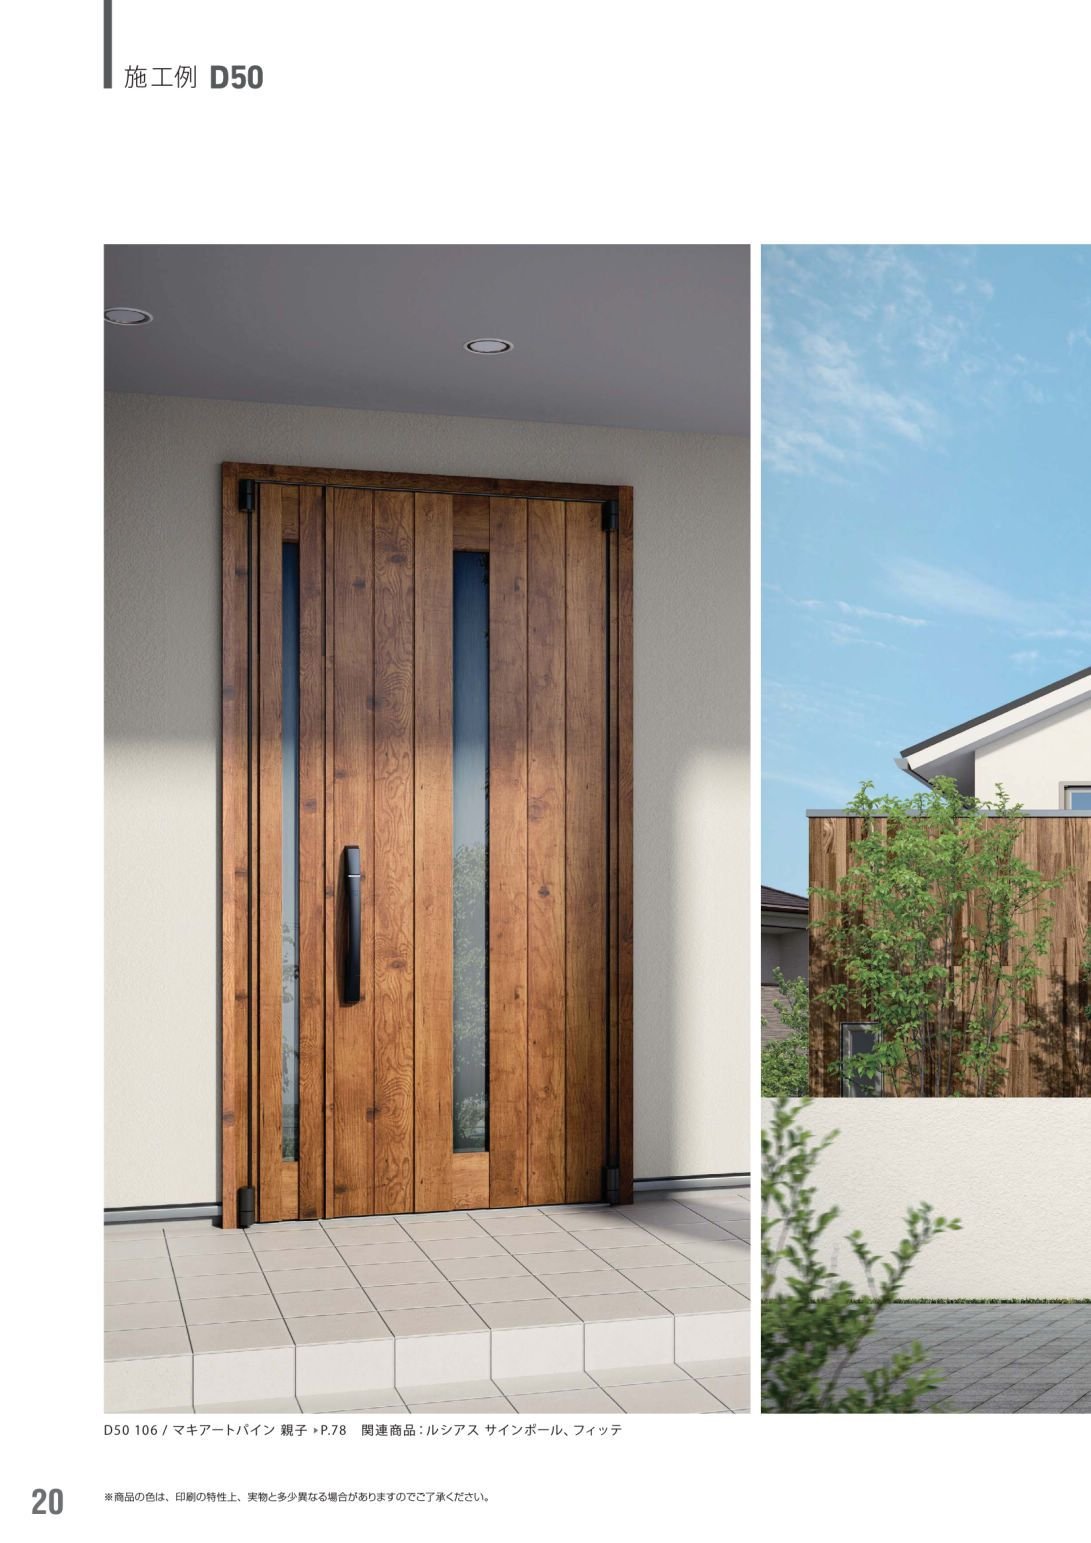 高断熱玄関ドア イノベスト Innobest D70 D50 商品カタログ カタログビュー 玄関ドア 玄関 ドア